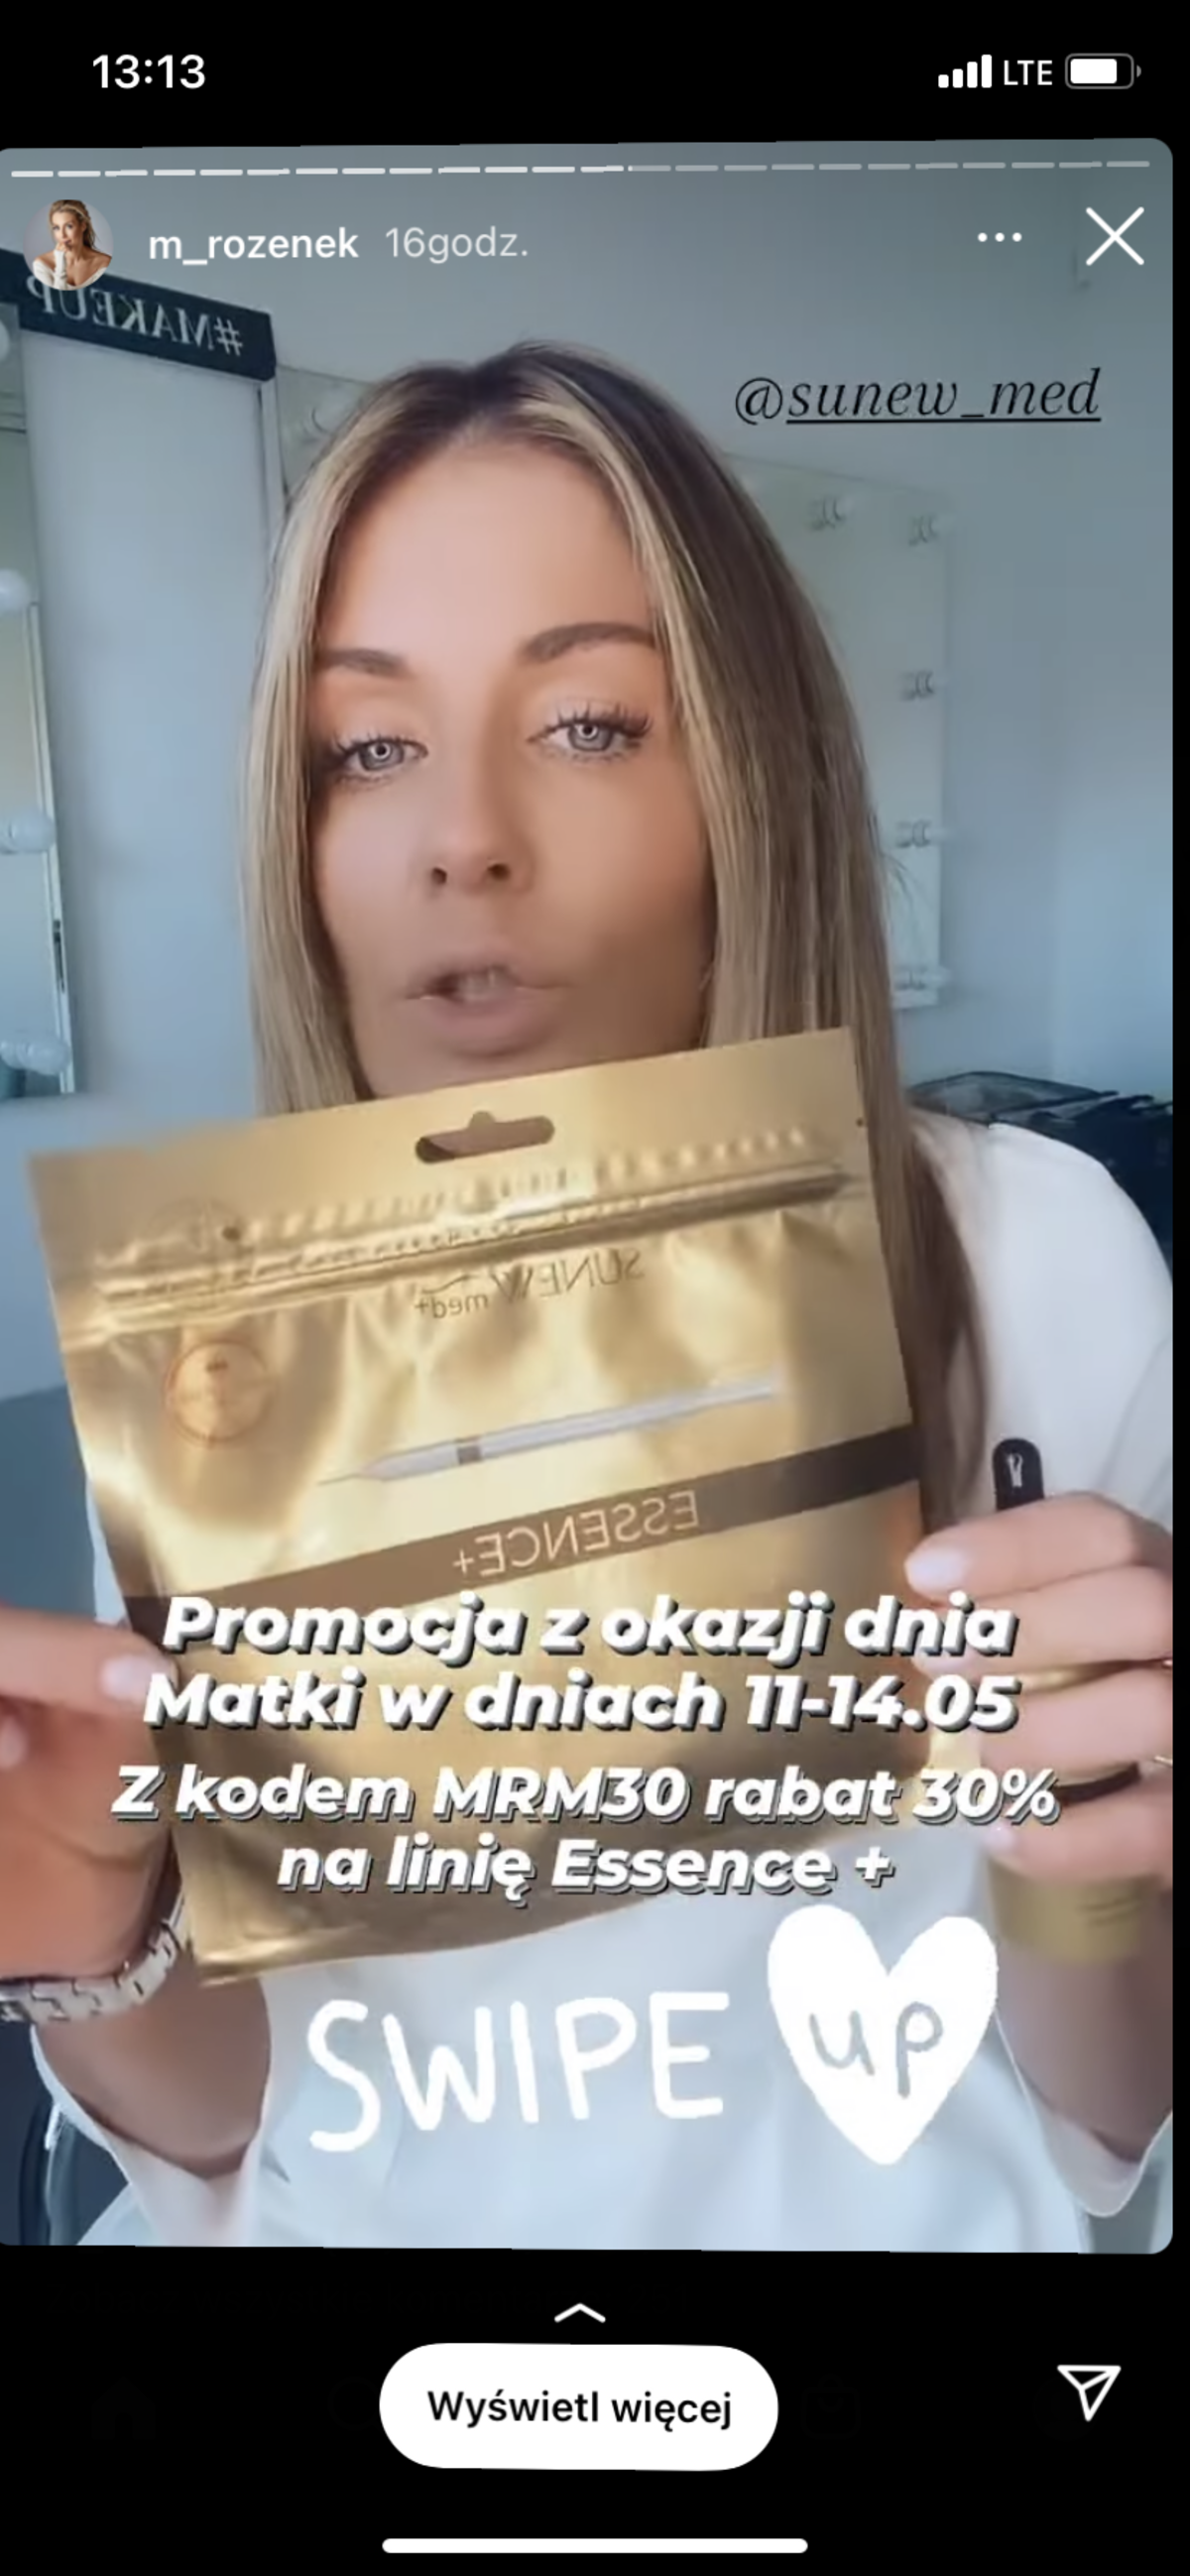 Małgorzata Rozenek-Majdan zdradziła swój hit na odmłodzenie twarzy